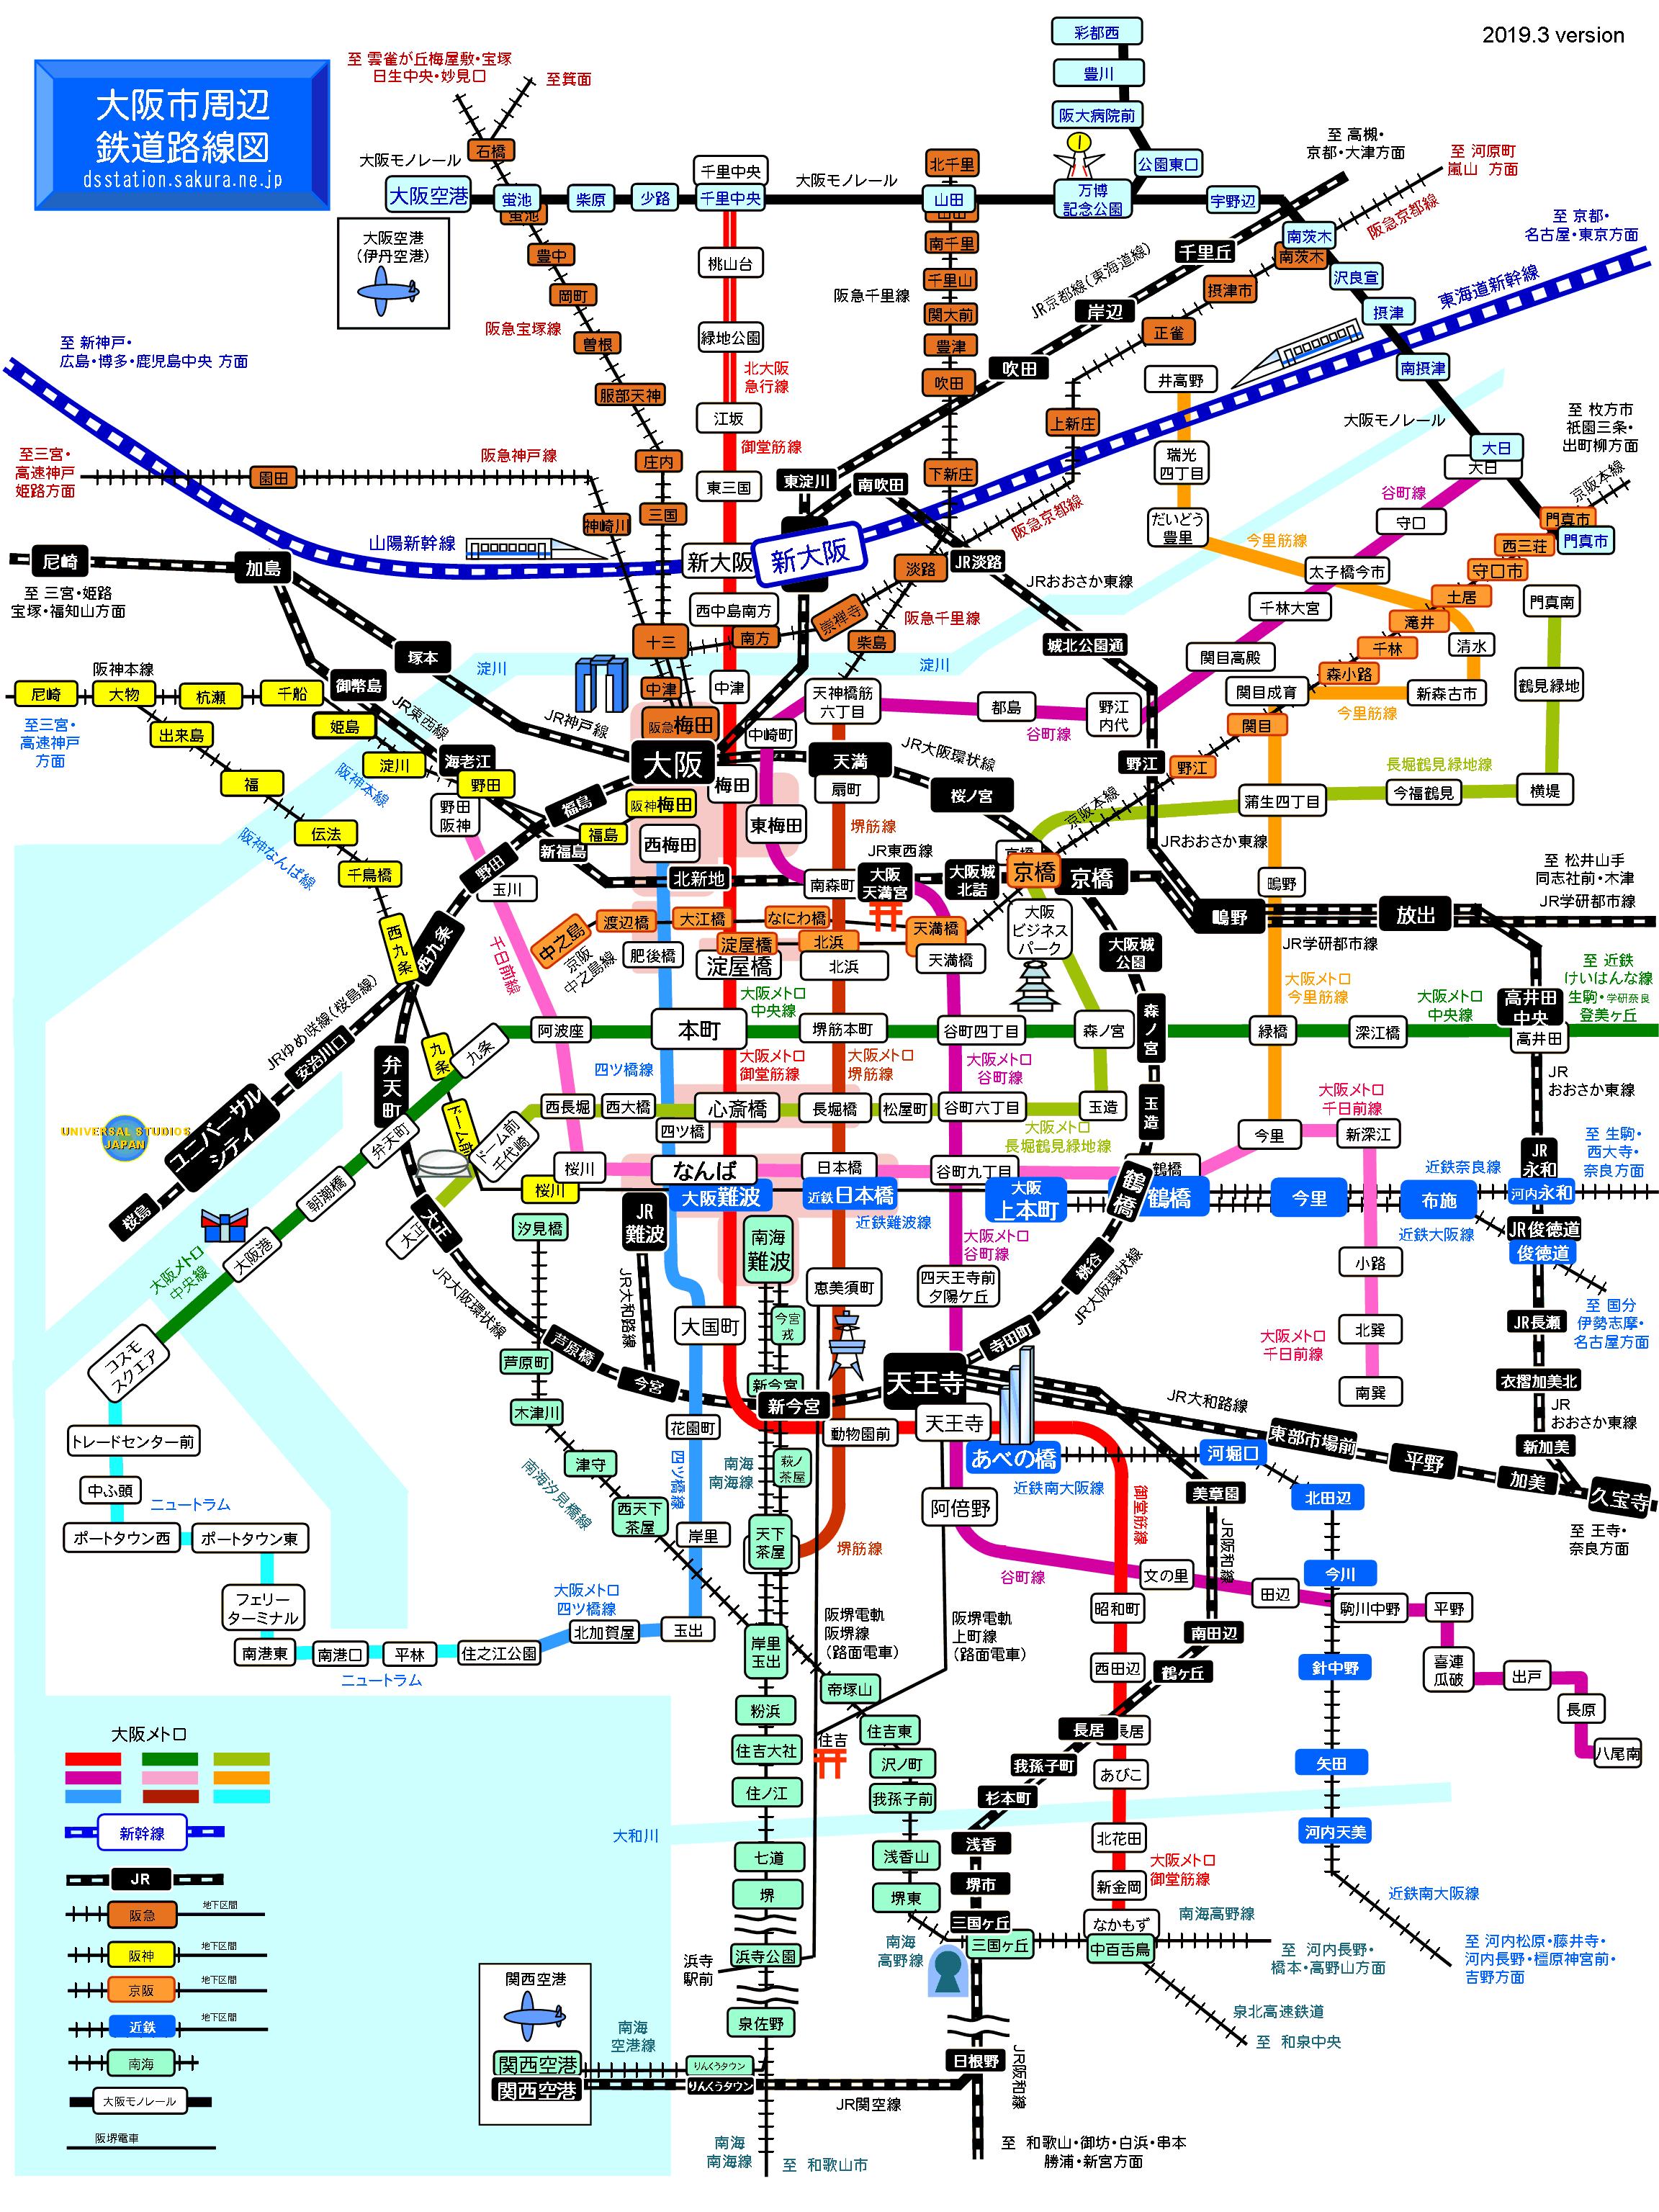 [PDFファイル] 大阪市内 電車路線図(地下鉄・JR・私鉄)ダウンロード[PDF]